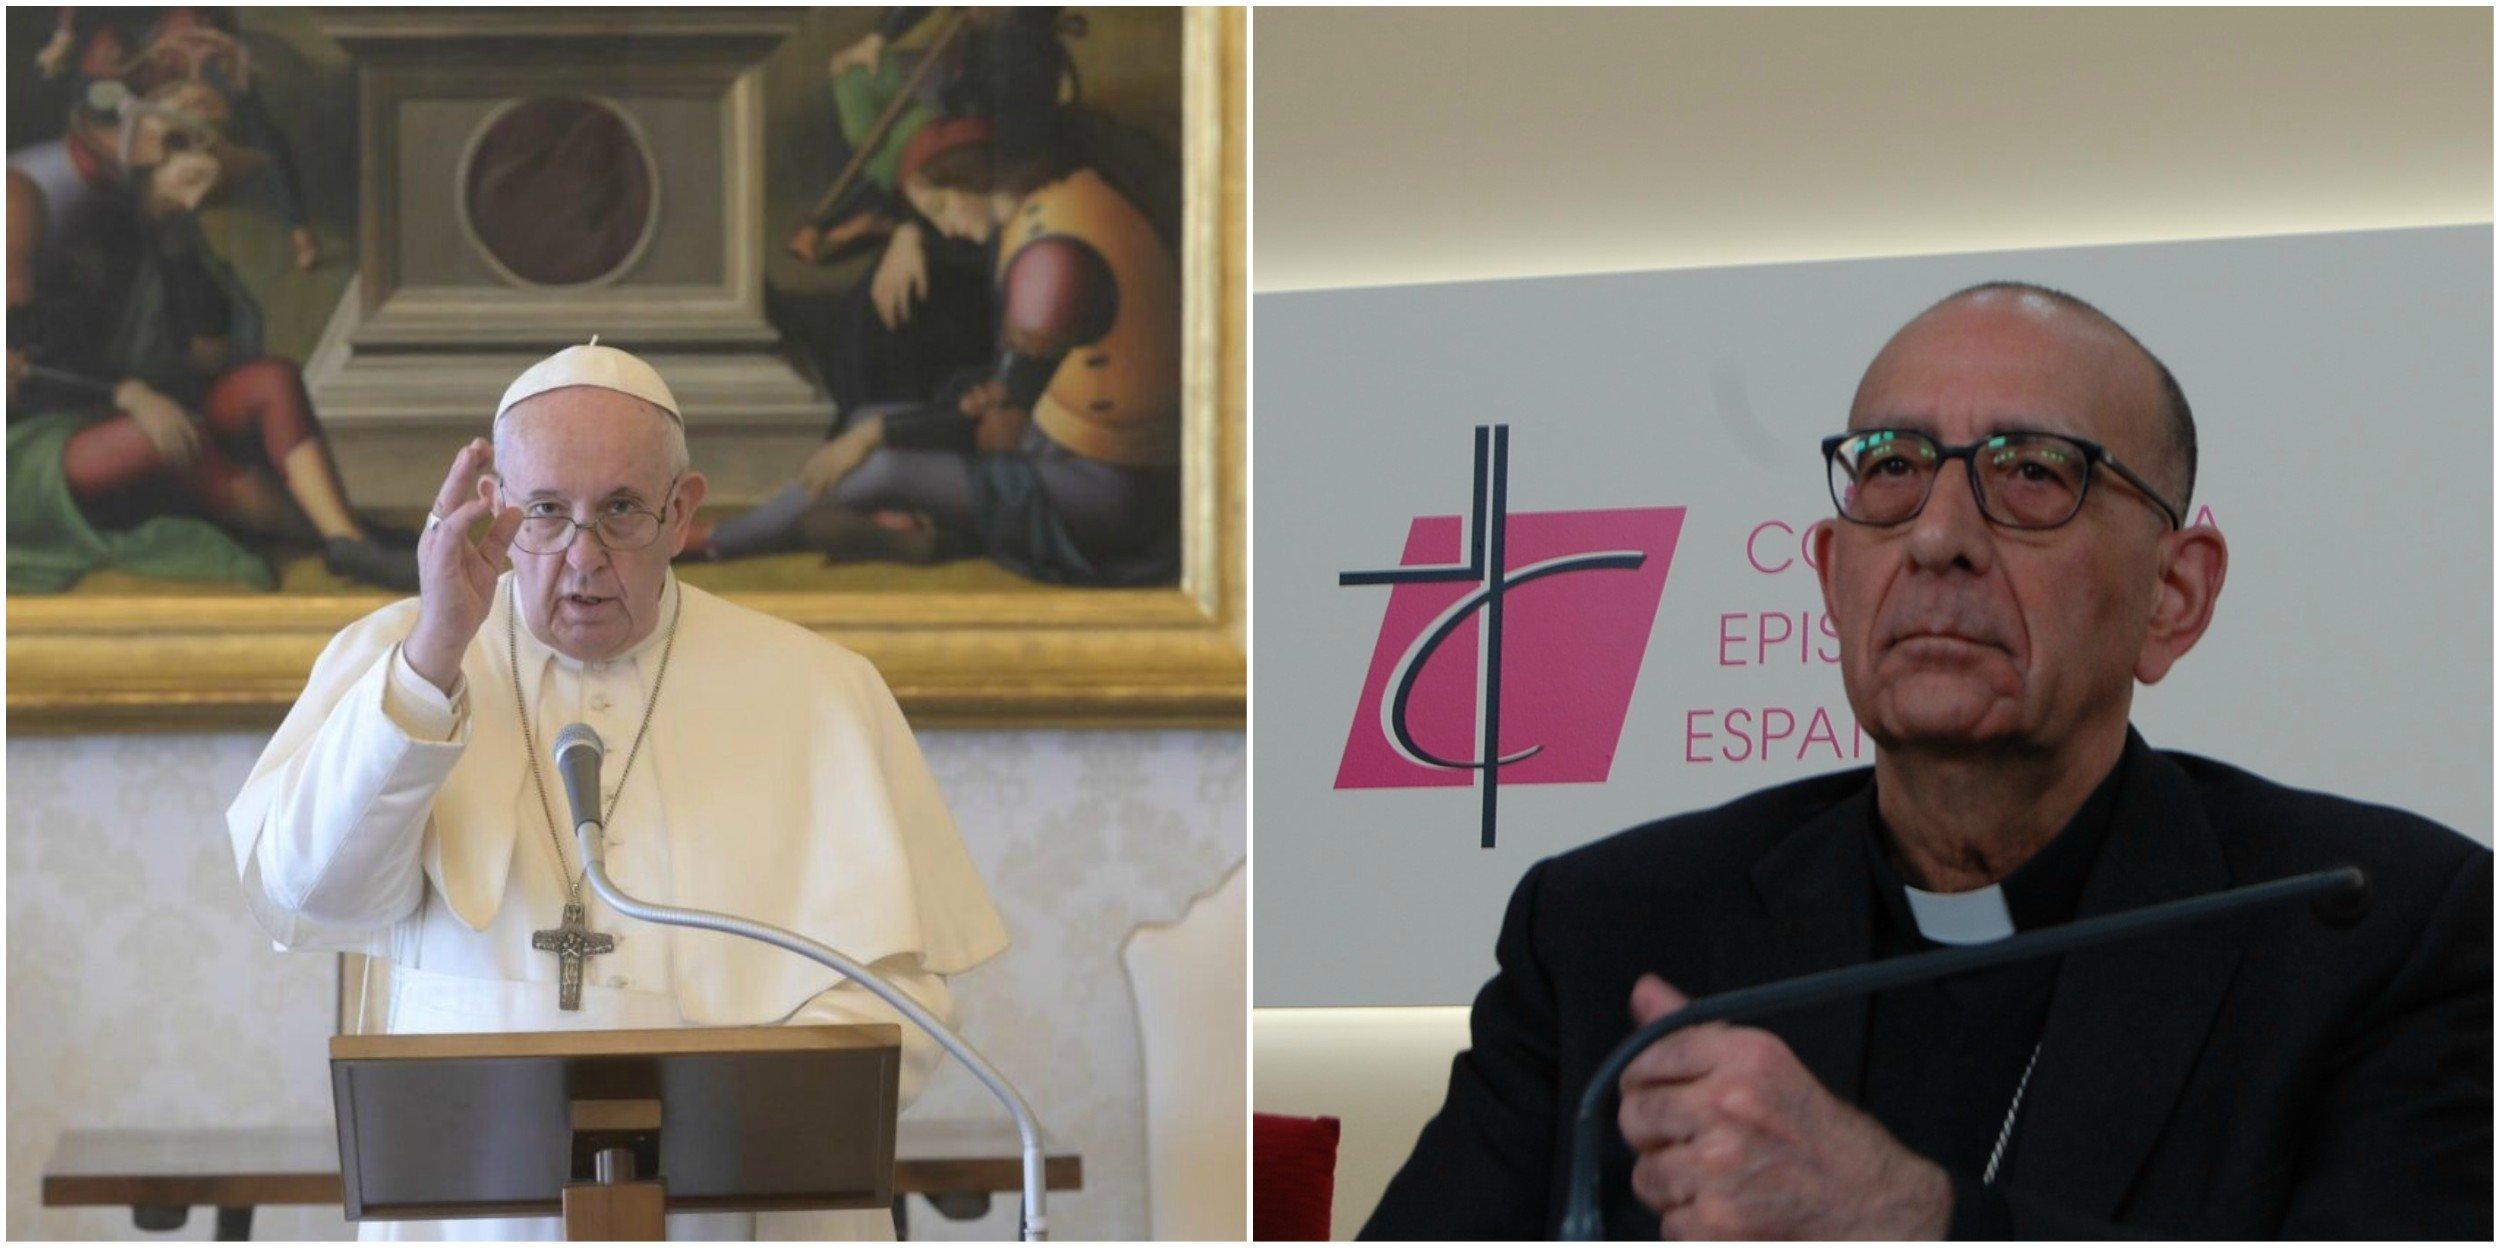 El Papa Francisco y José Luis Omella, presidente de la Conferencia Episcopal Española